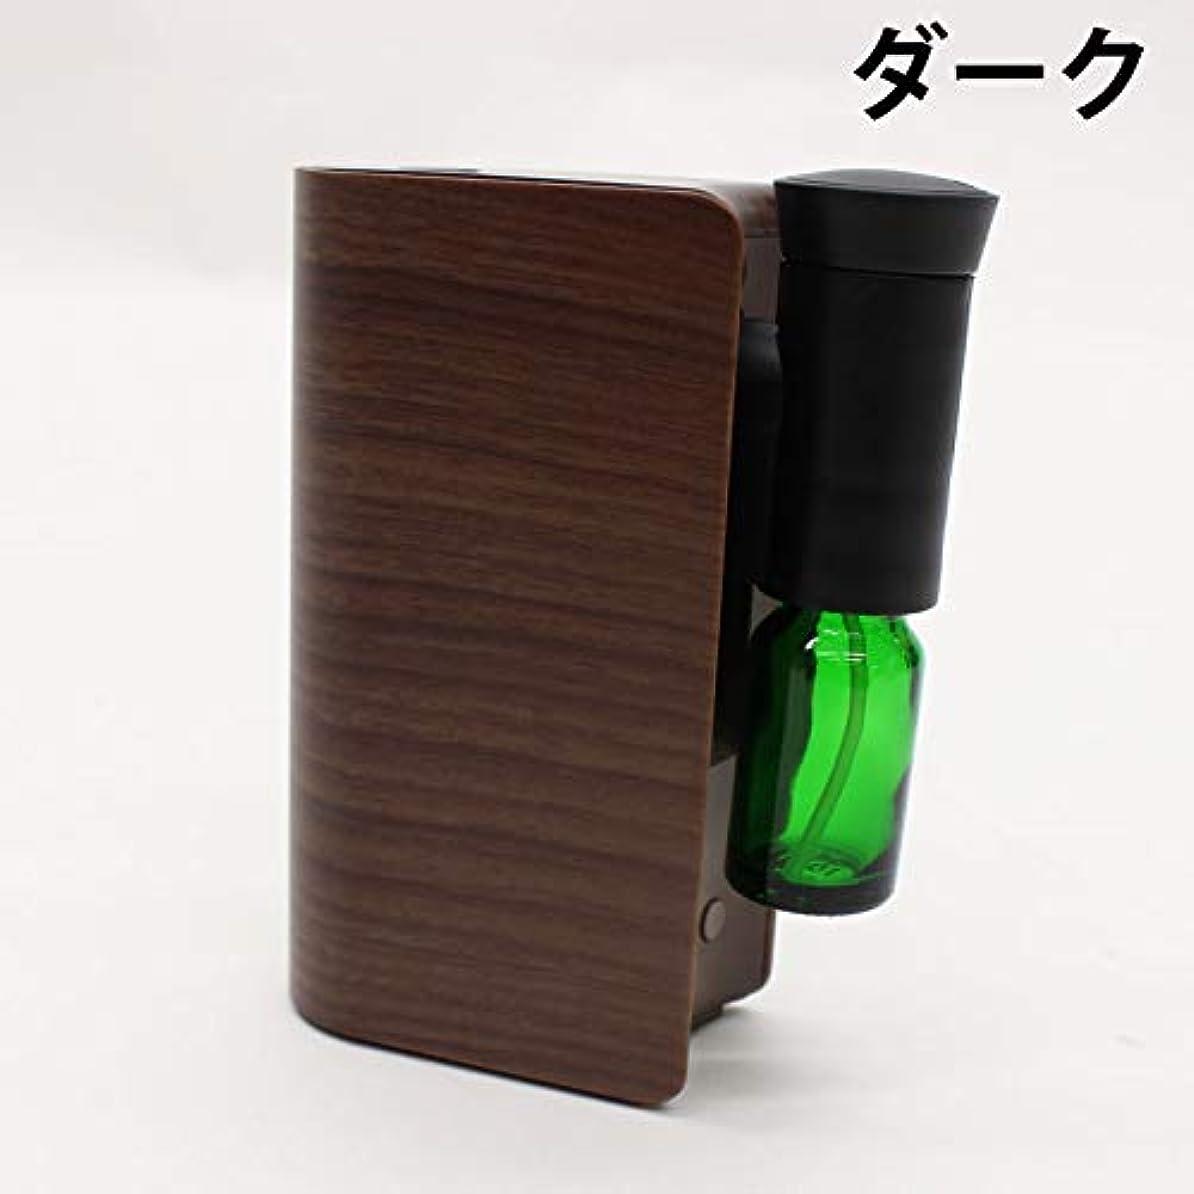 窒素コンテンツインク電池式 コンパクトアロマディフューザー  (ダーク)